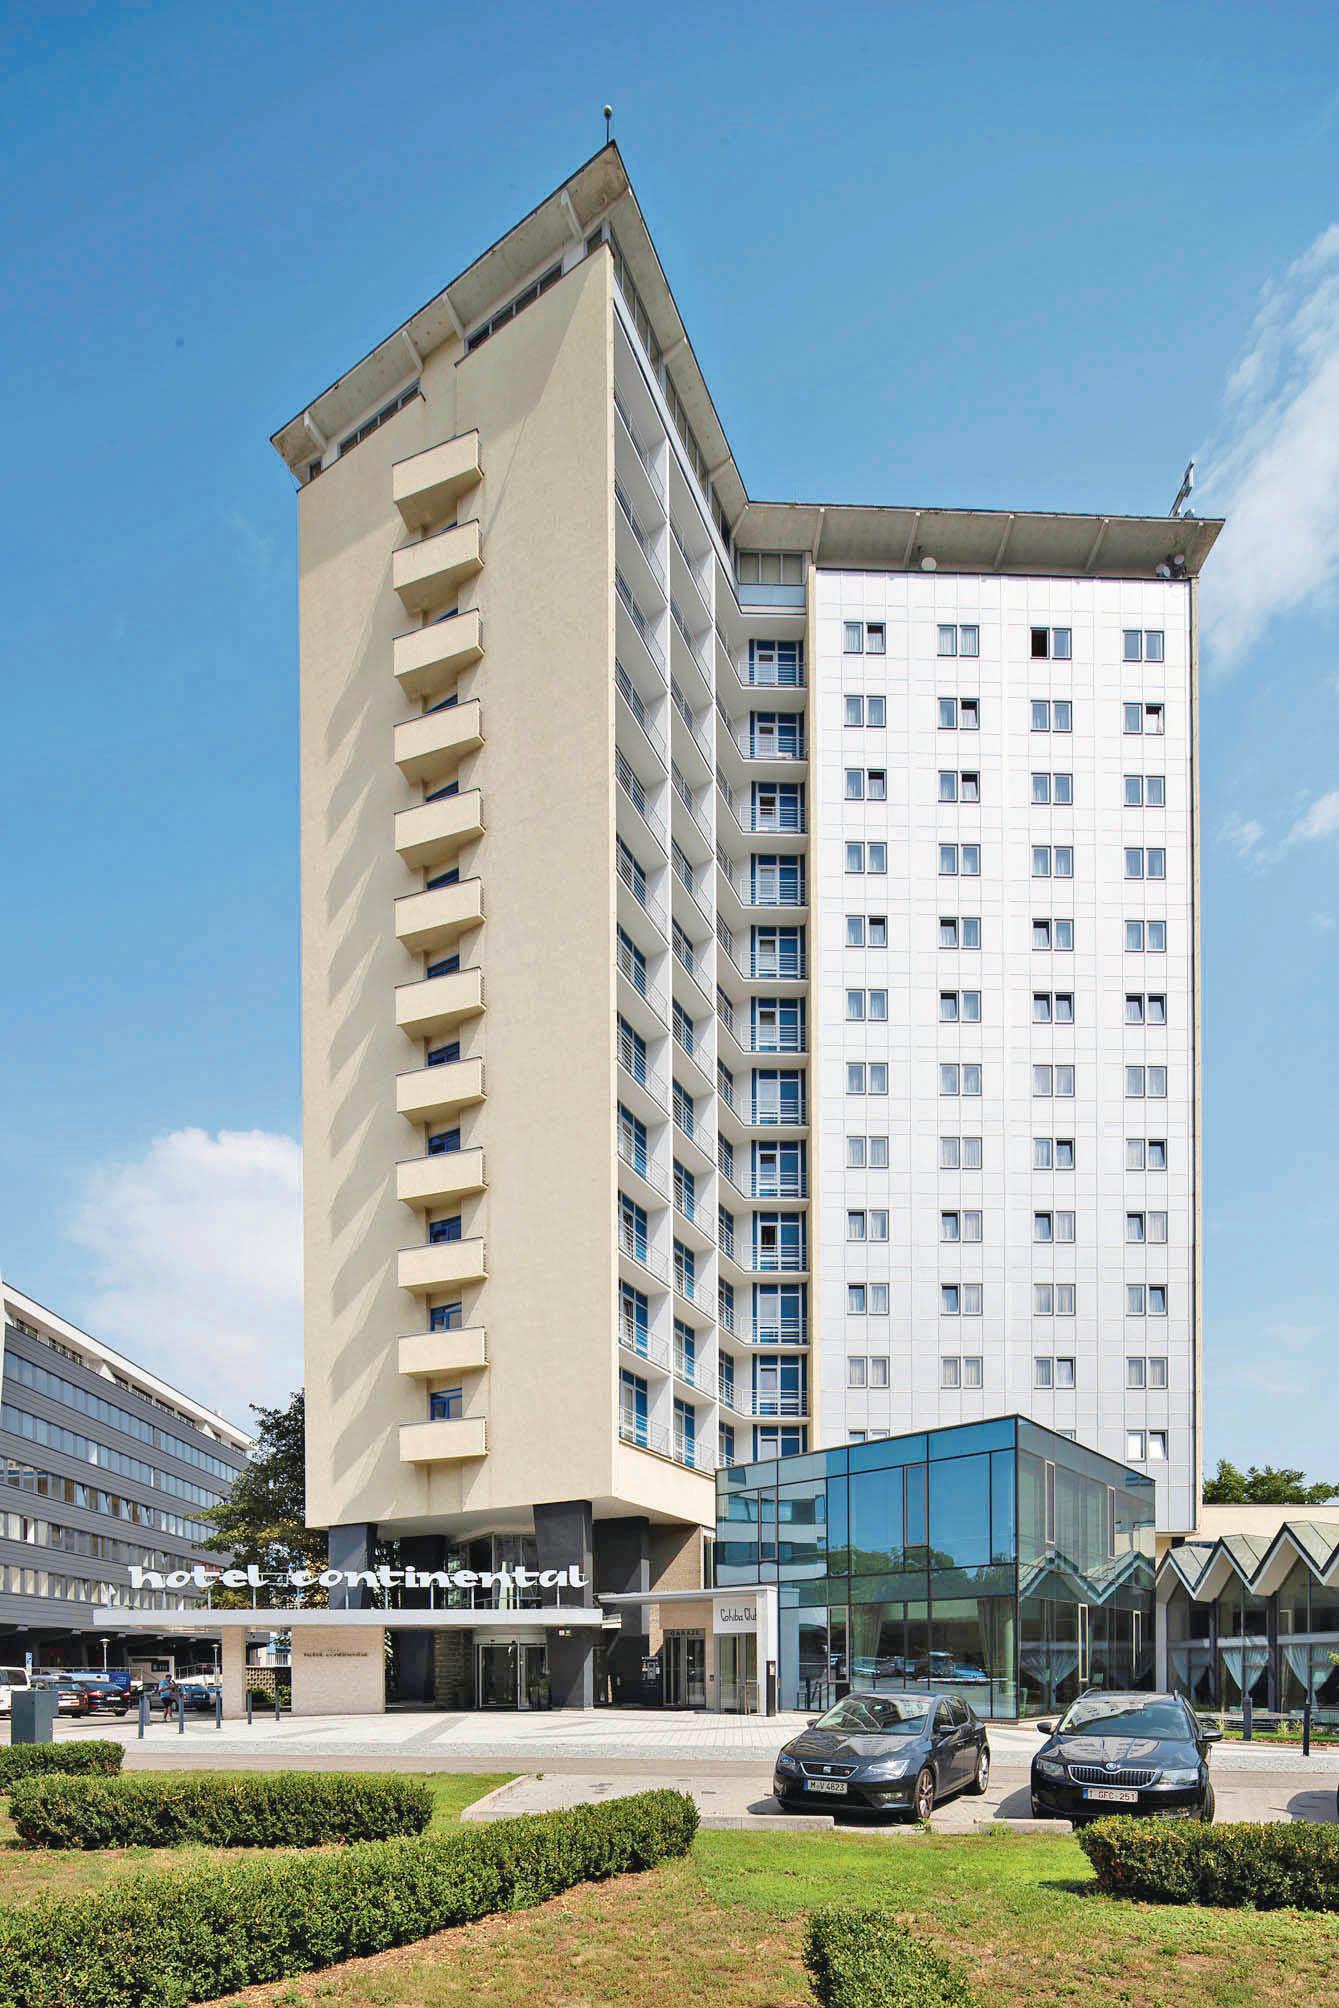 Zjednoduché ubytovny se stal hotel spřistávací plošinou pro vrtulníky nad vyhlídkovou kavárnou.